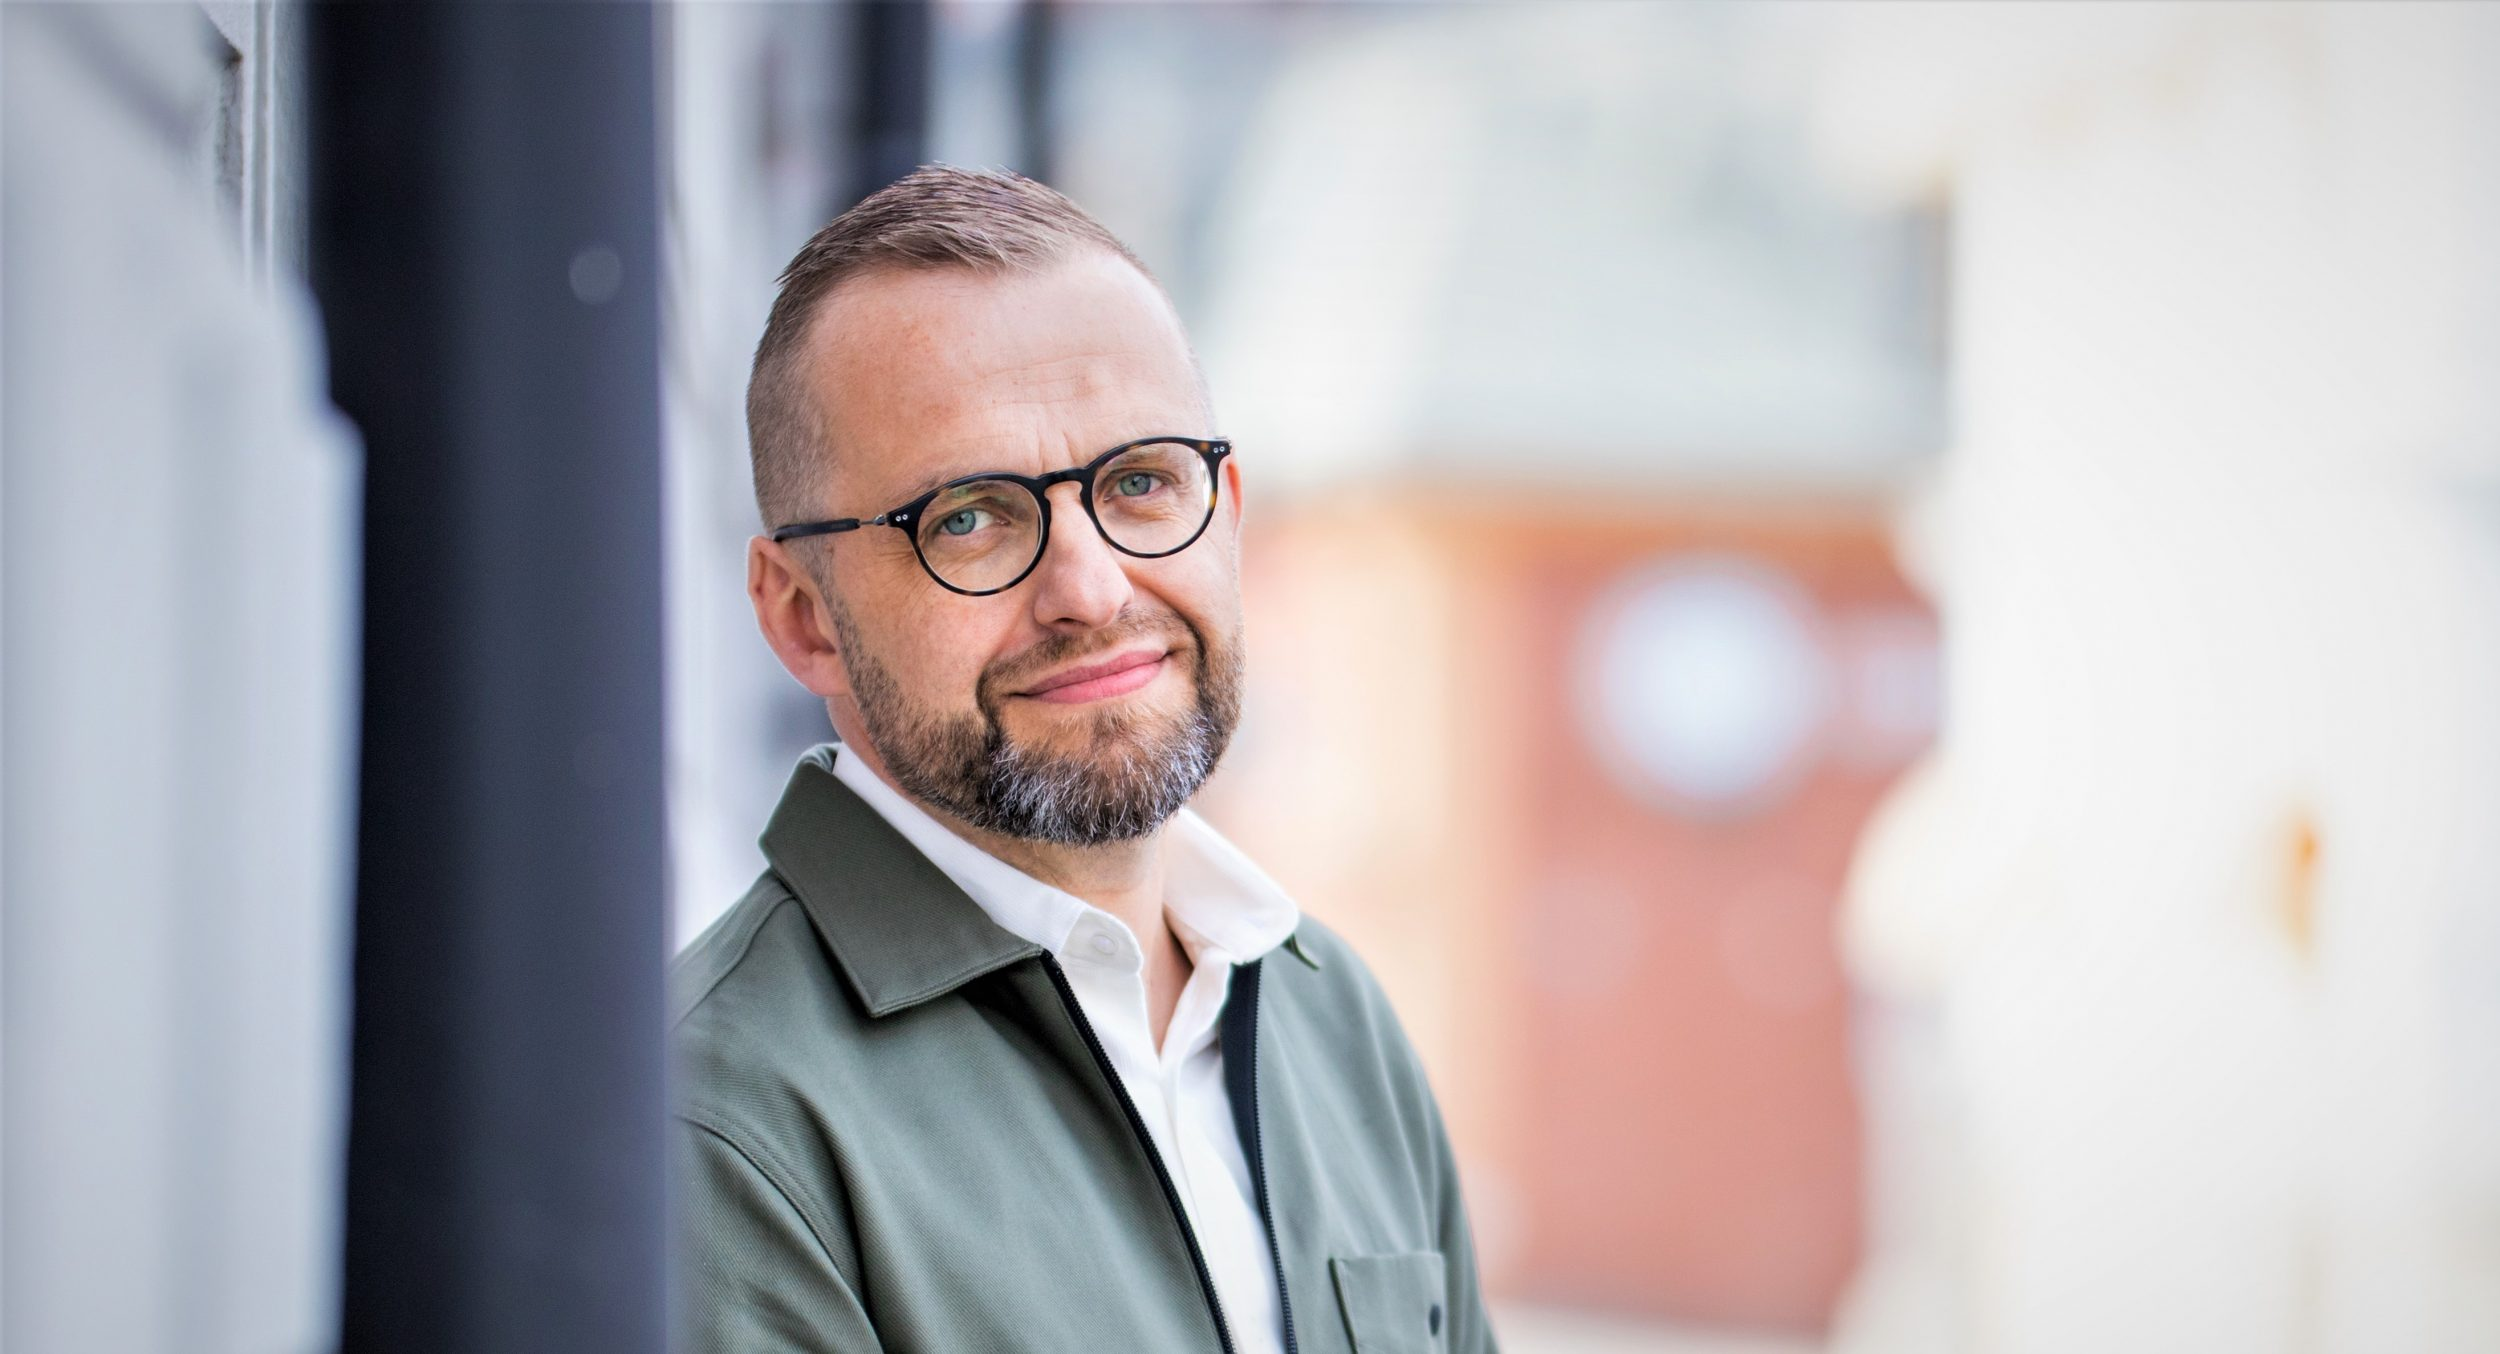 Daniel Alm ny ordförande för Sveriges kristna råd